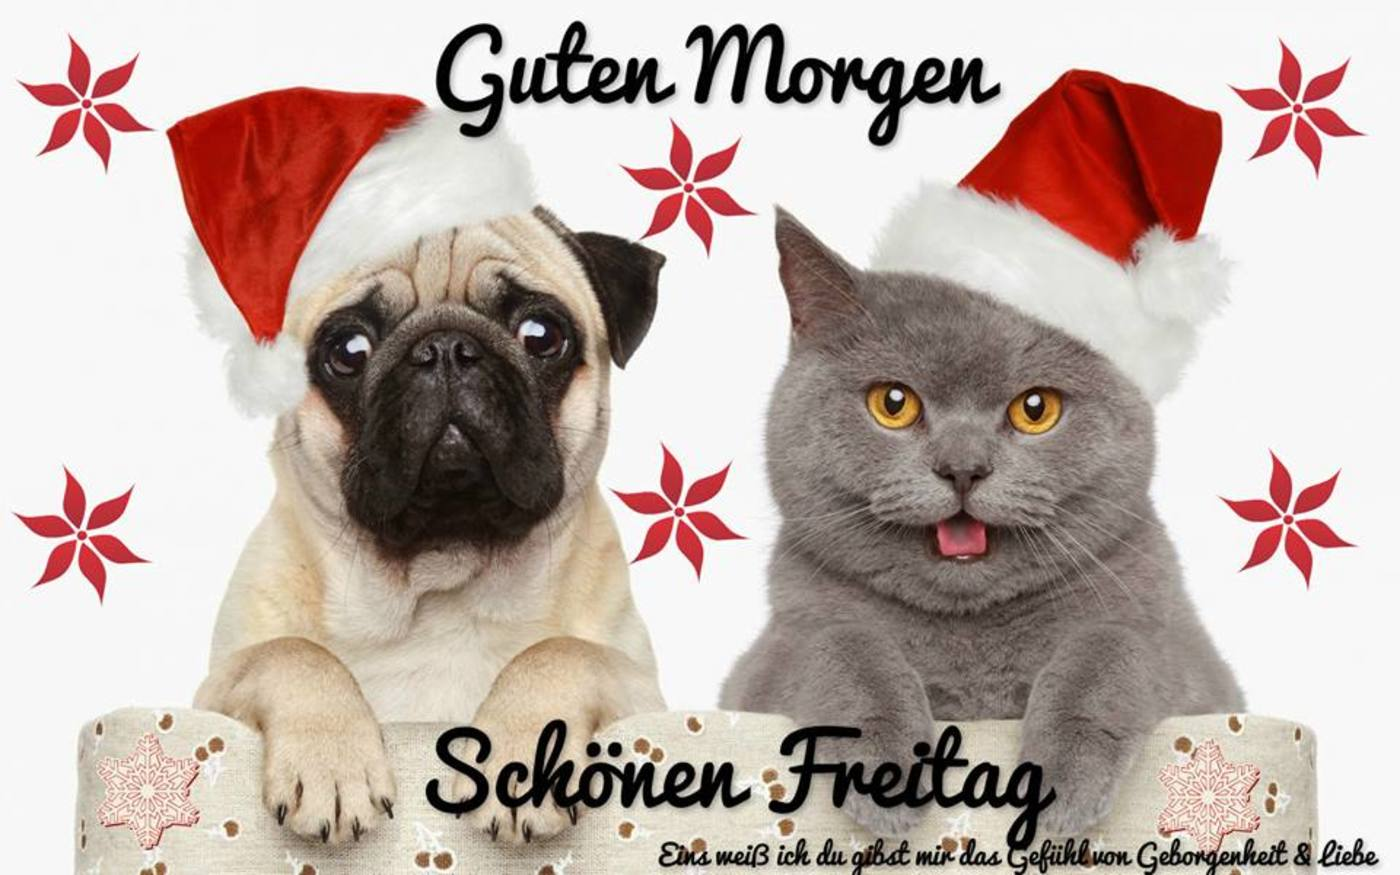 Schönen Freitag Guten Morgen Weihnachten Gbpicsbildercom